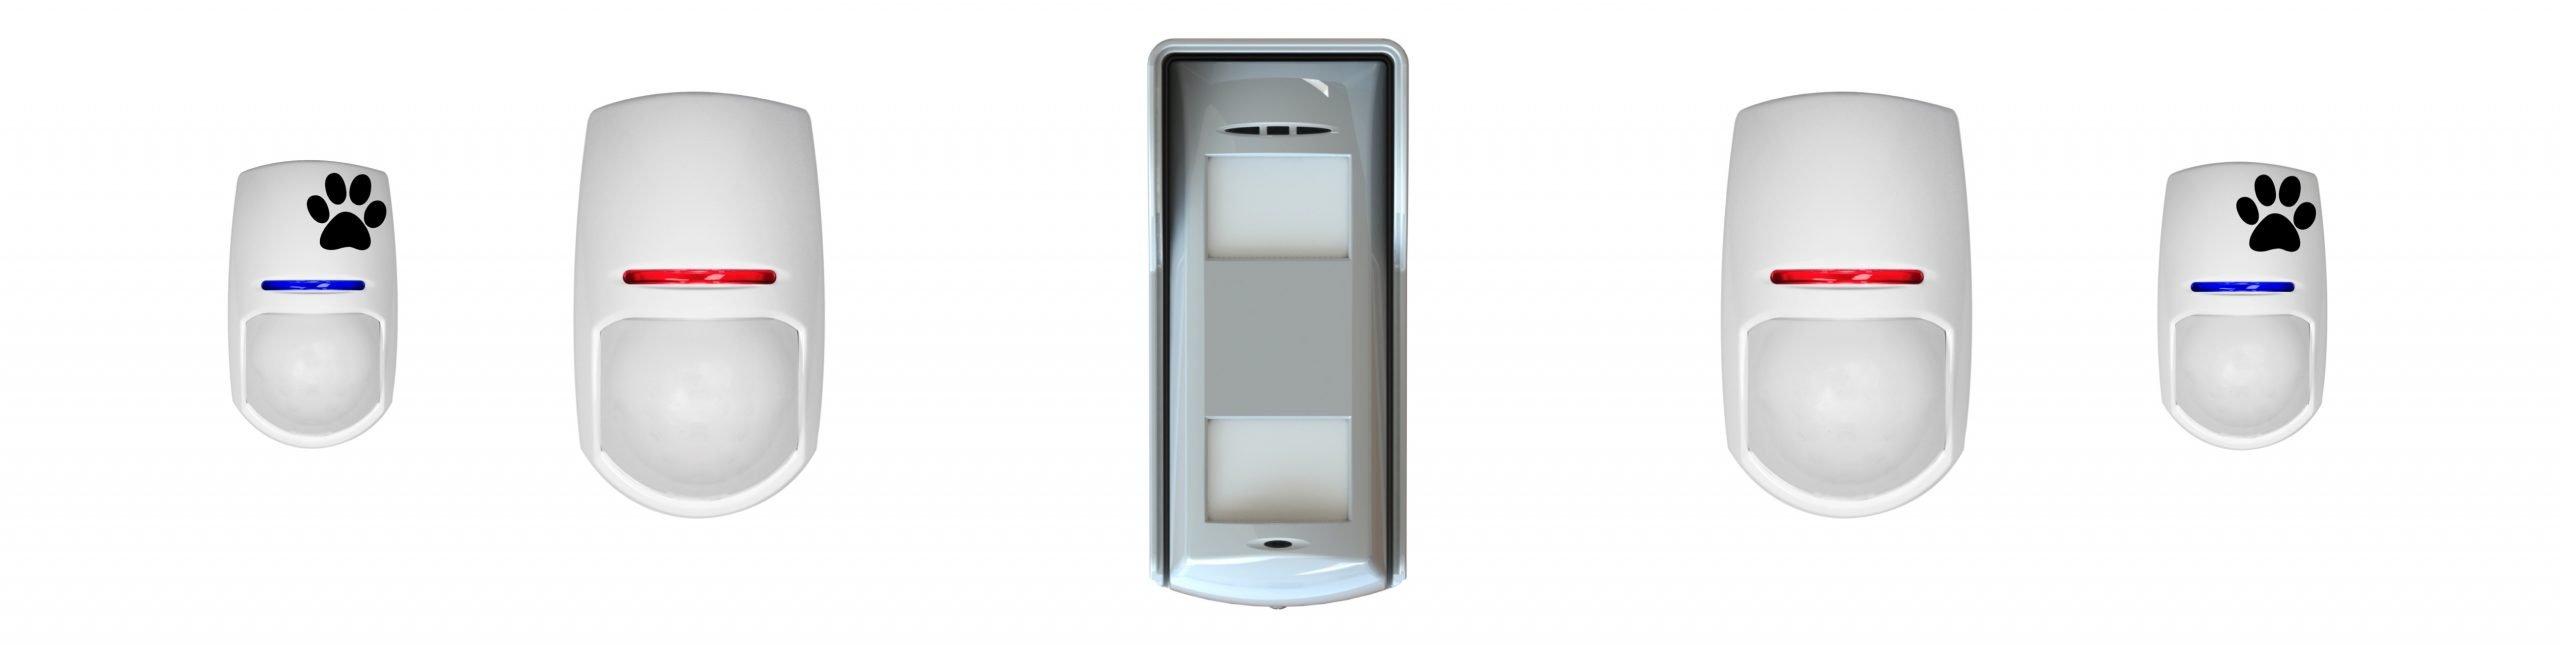 Pyronix Burglar Alarm Installation SatFocus